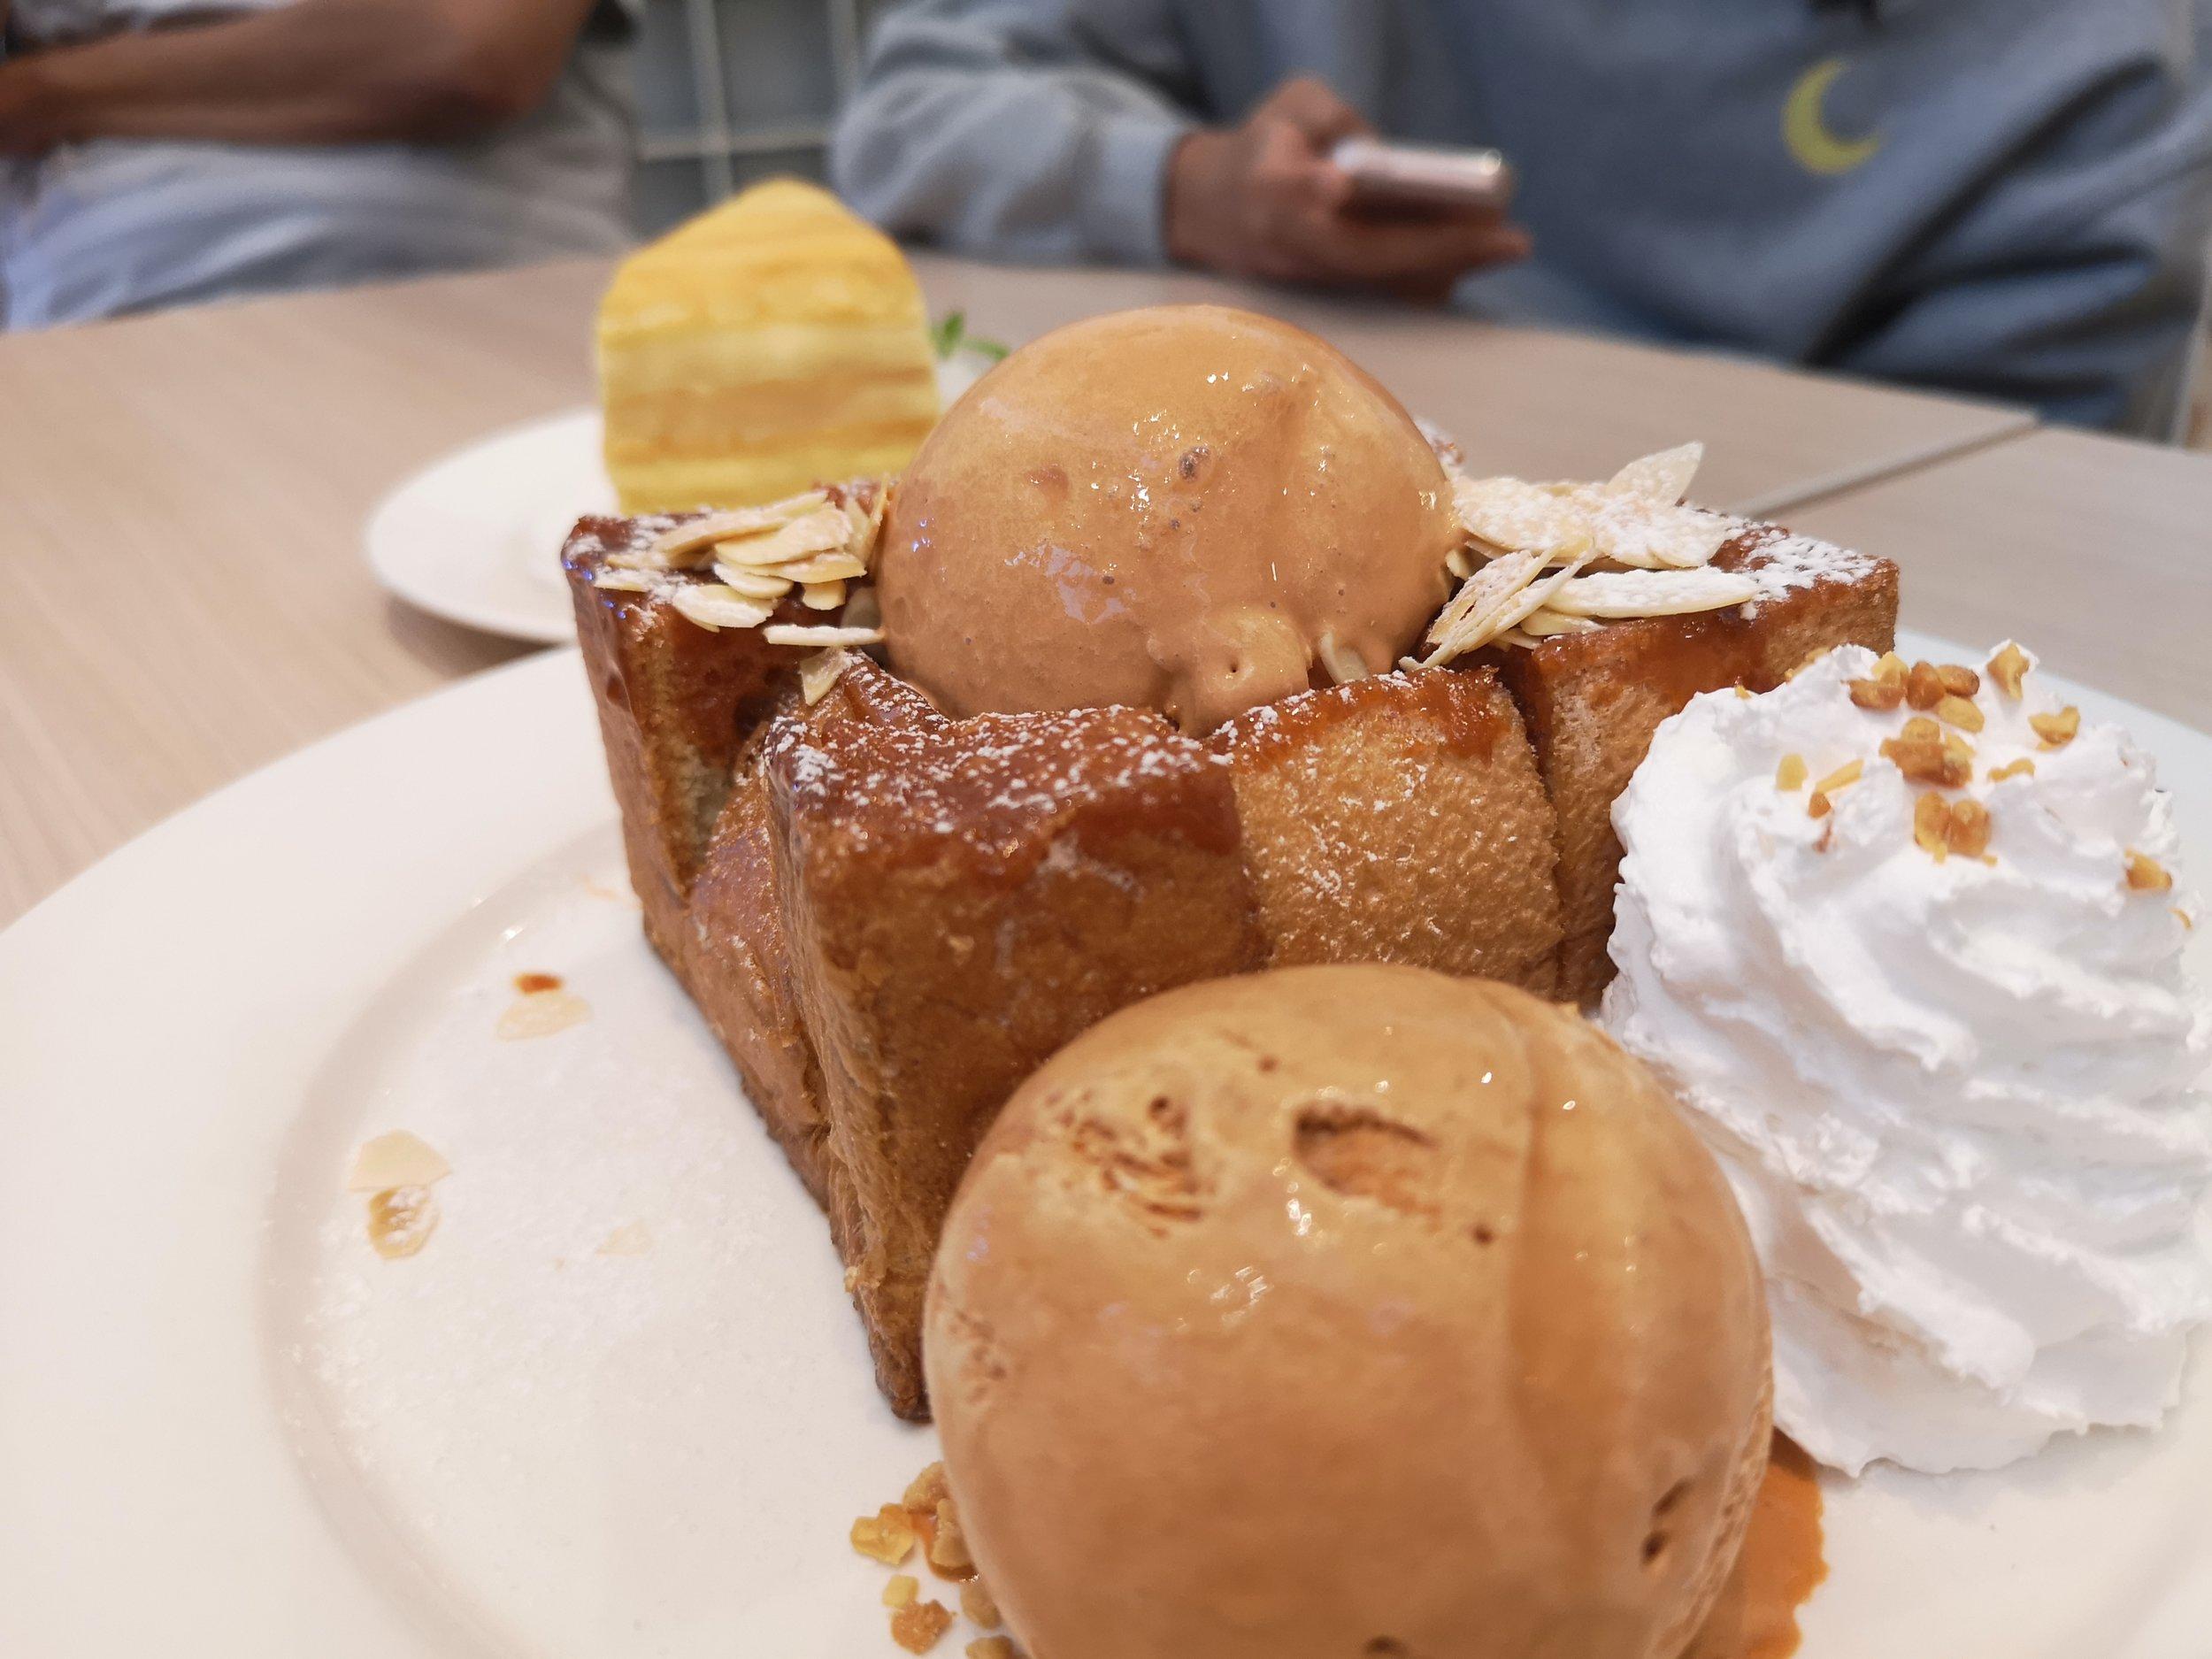 Miru Dessert Cafe Thai Iced Tea Ice Cream with Toast